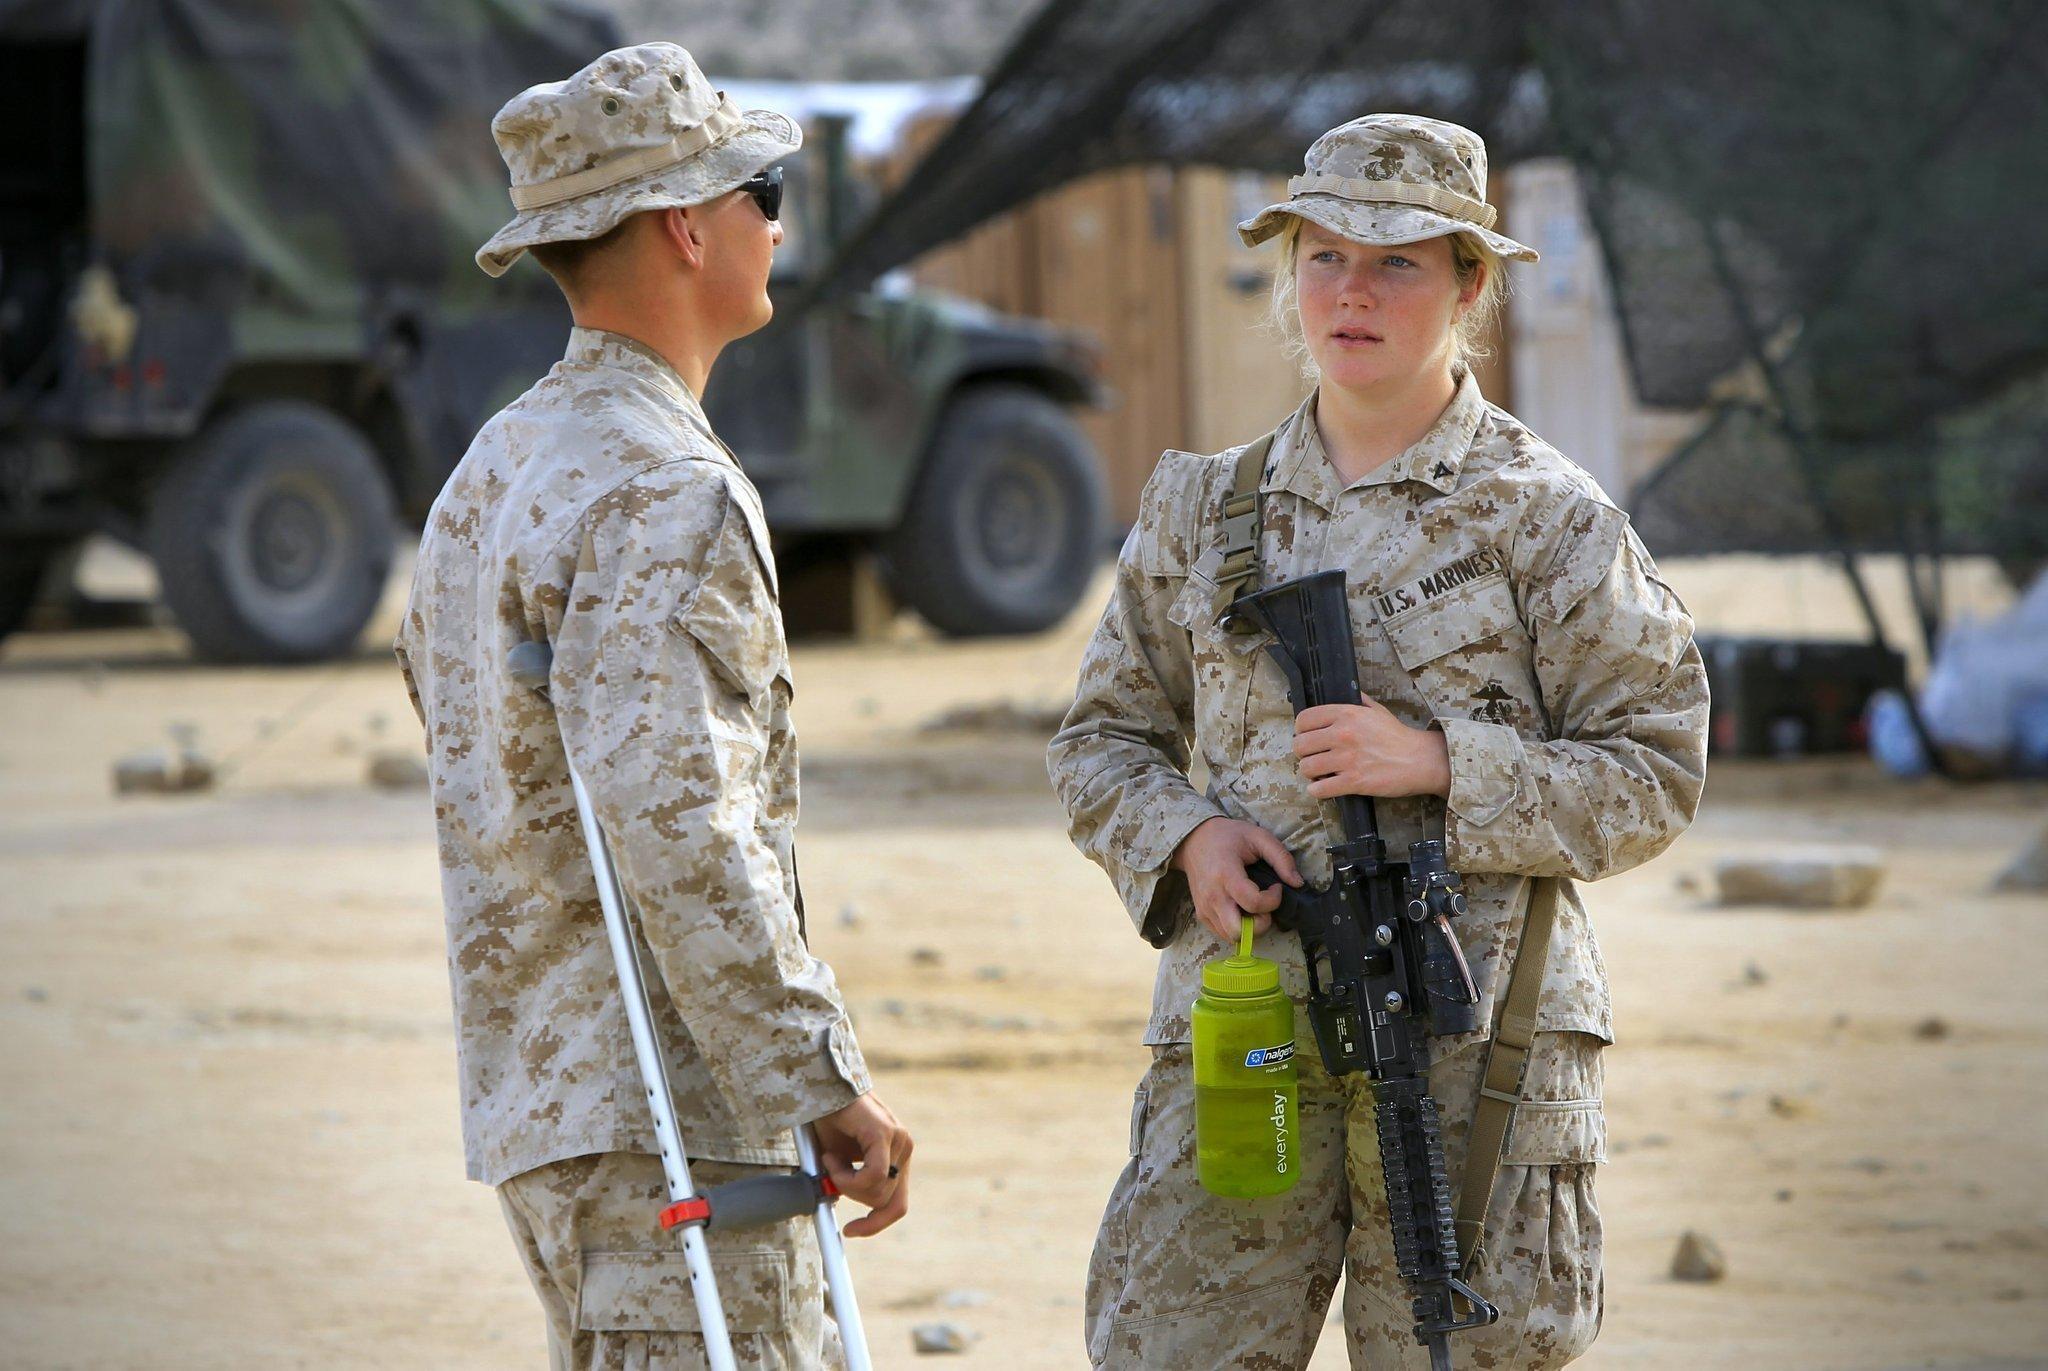 Should women serve in combat